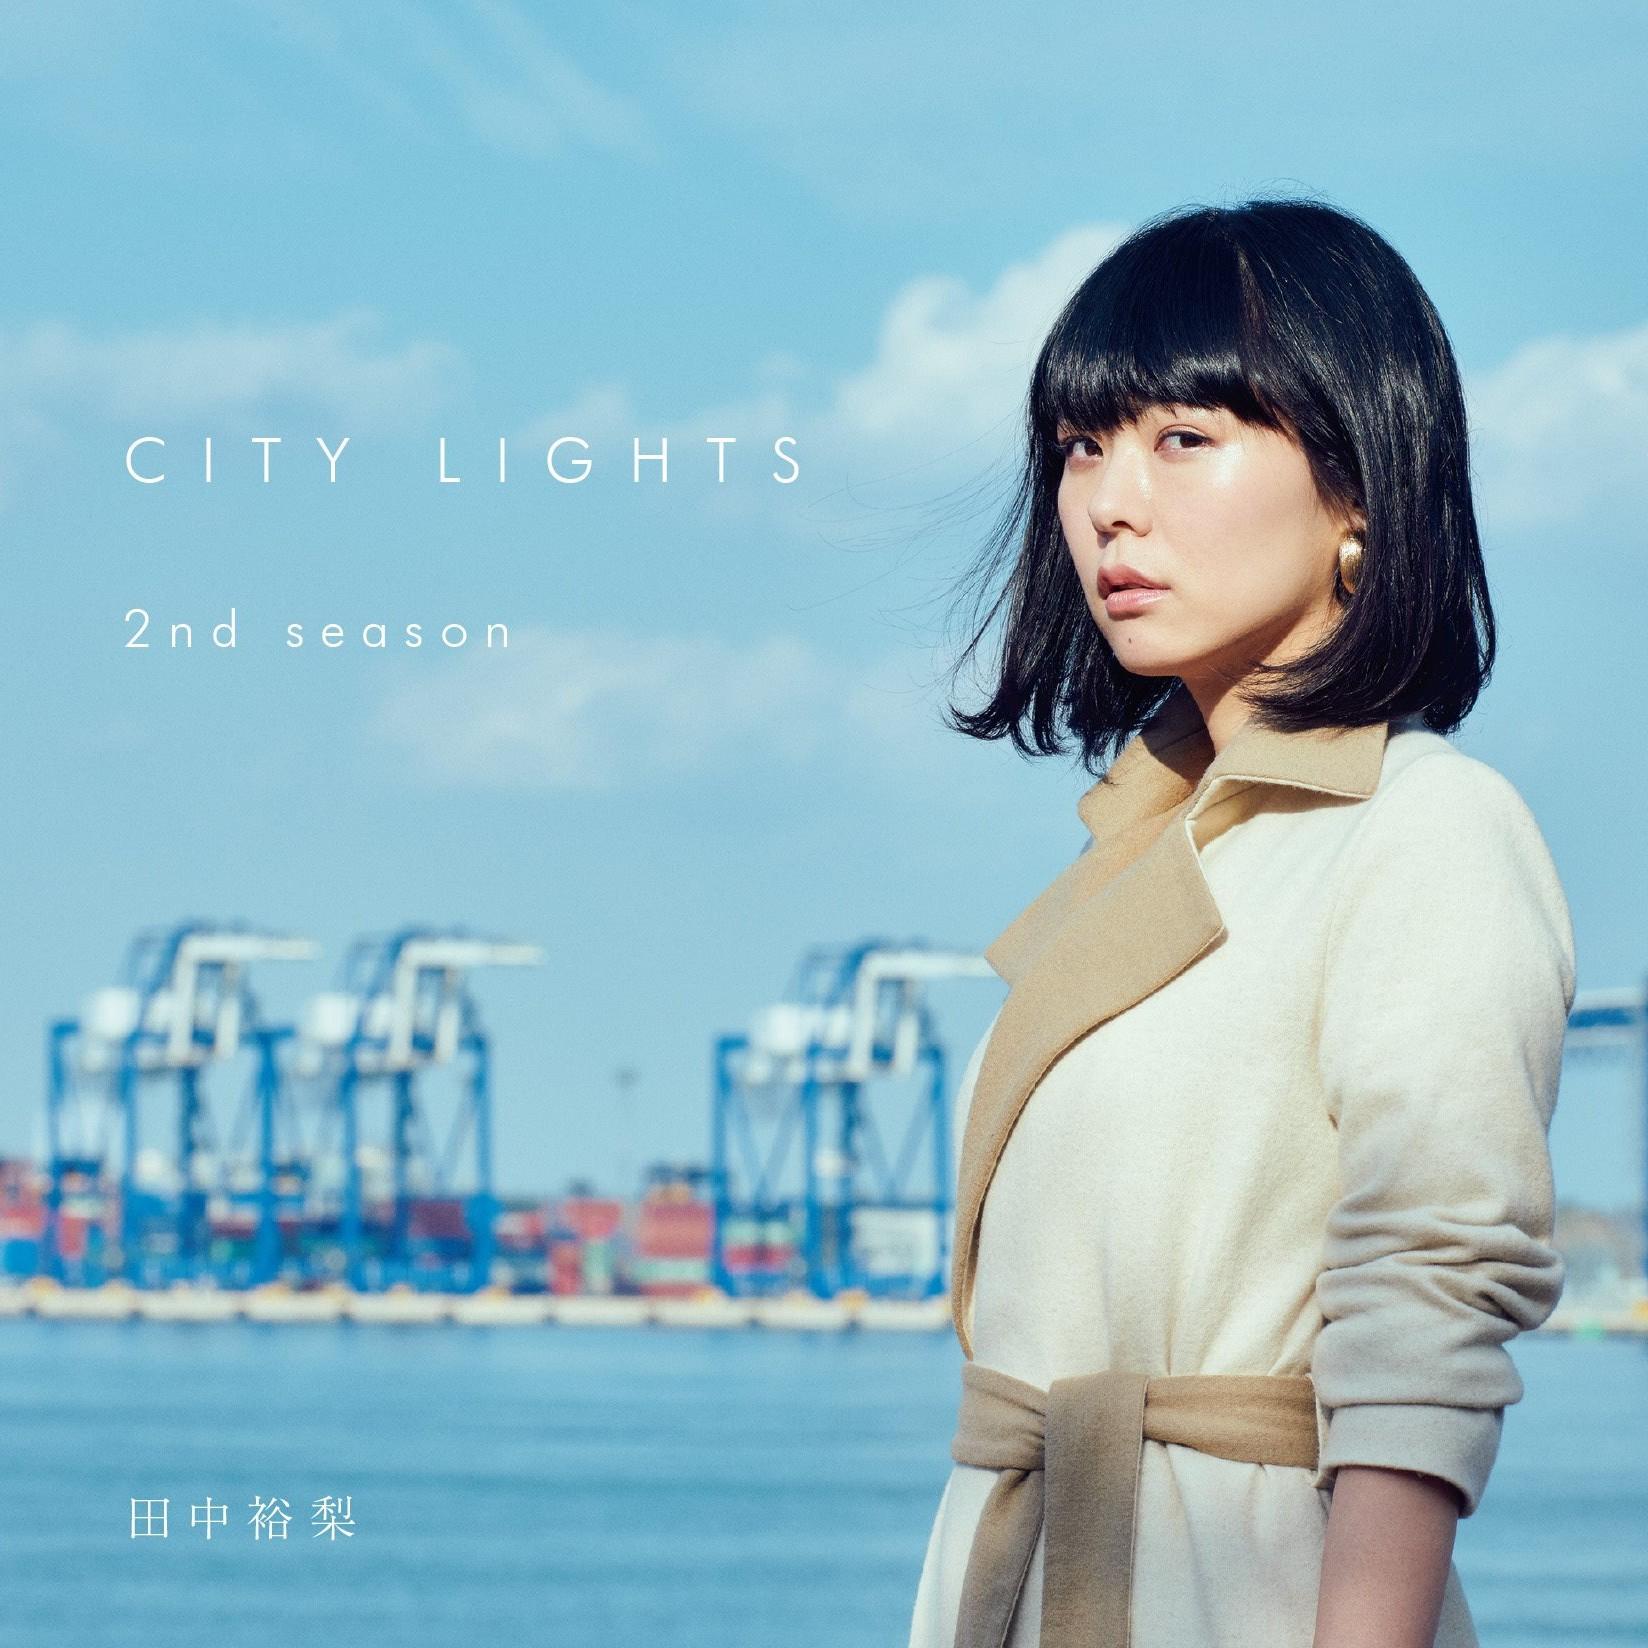 田中裕梨 (Yuri Tanaka) – CITY LIGHTS 2nd Season [FLAC + MP3 320 / CD] [2019.01.23]